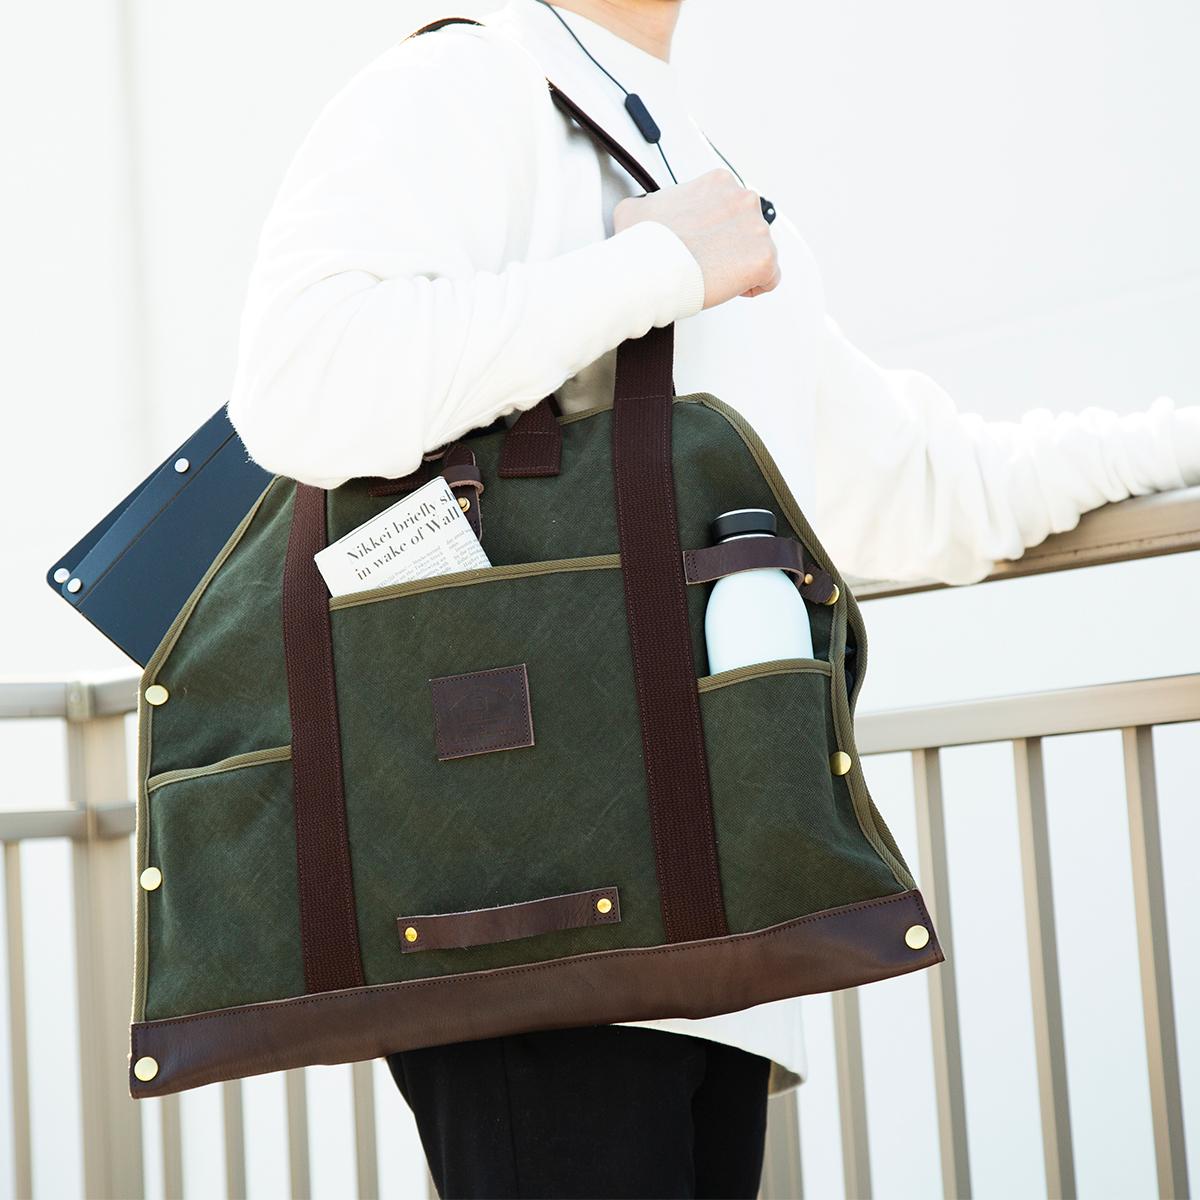 薪トートならシート状に開けるから、バサッと重い荷物を乗せて包むだけ!そのまま肩掛け&手提げで出掛けられます。トートバッグ